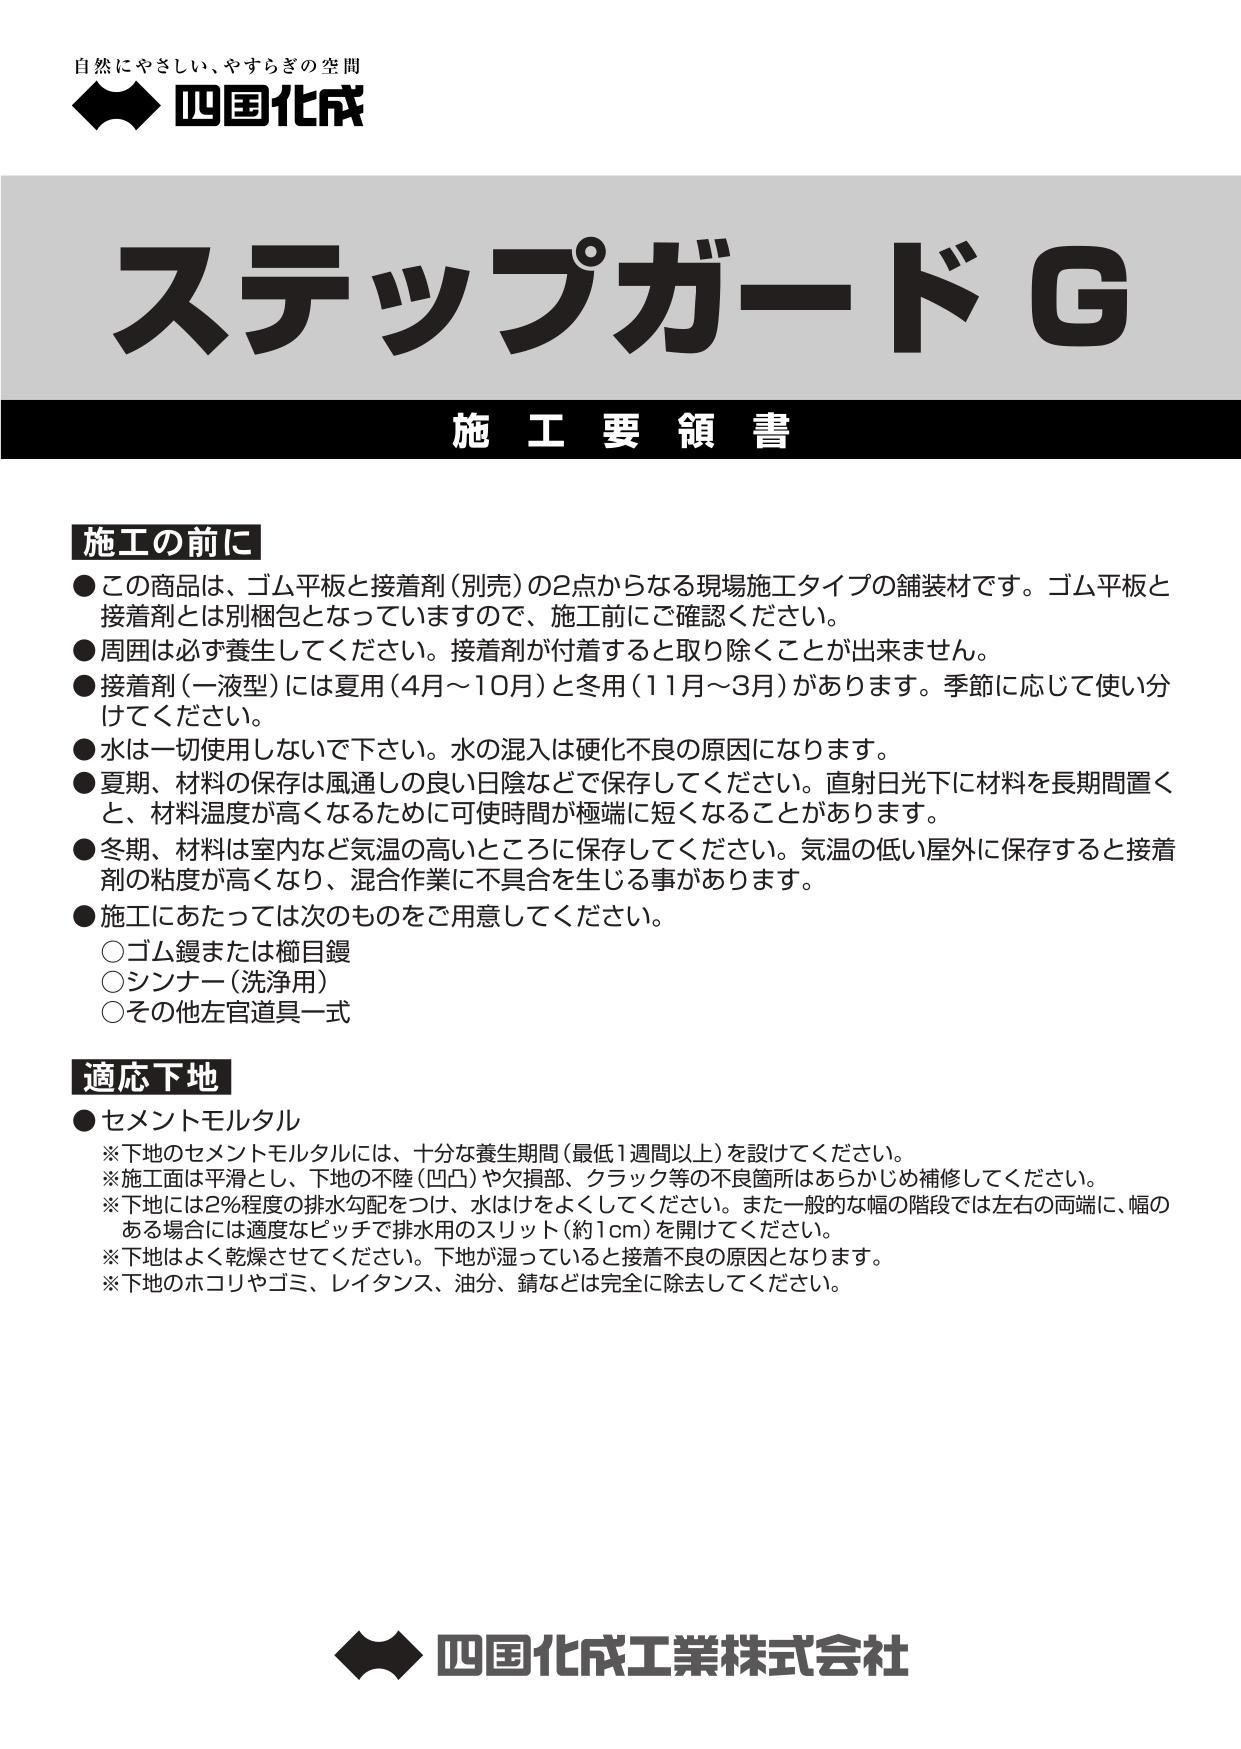 ステップガードG 説明書_page-0001